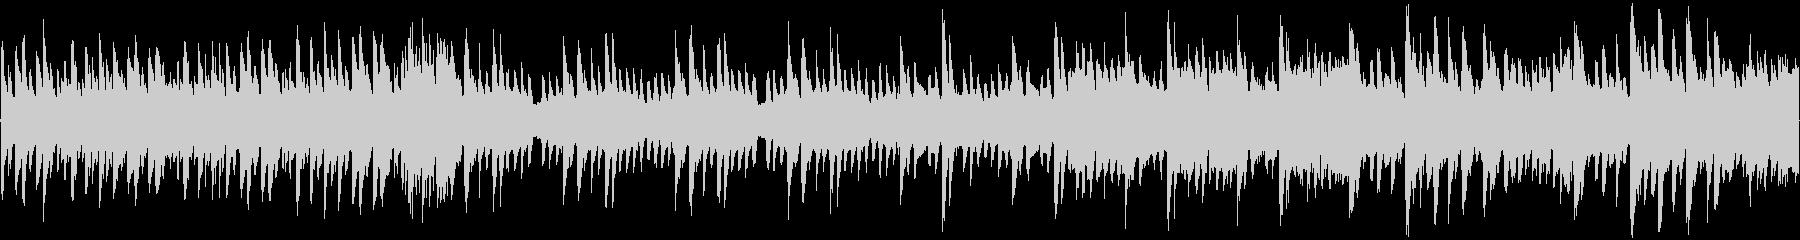 8bit ポップに爽快な宇宙 ループ音源の未再生の波形